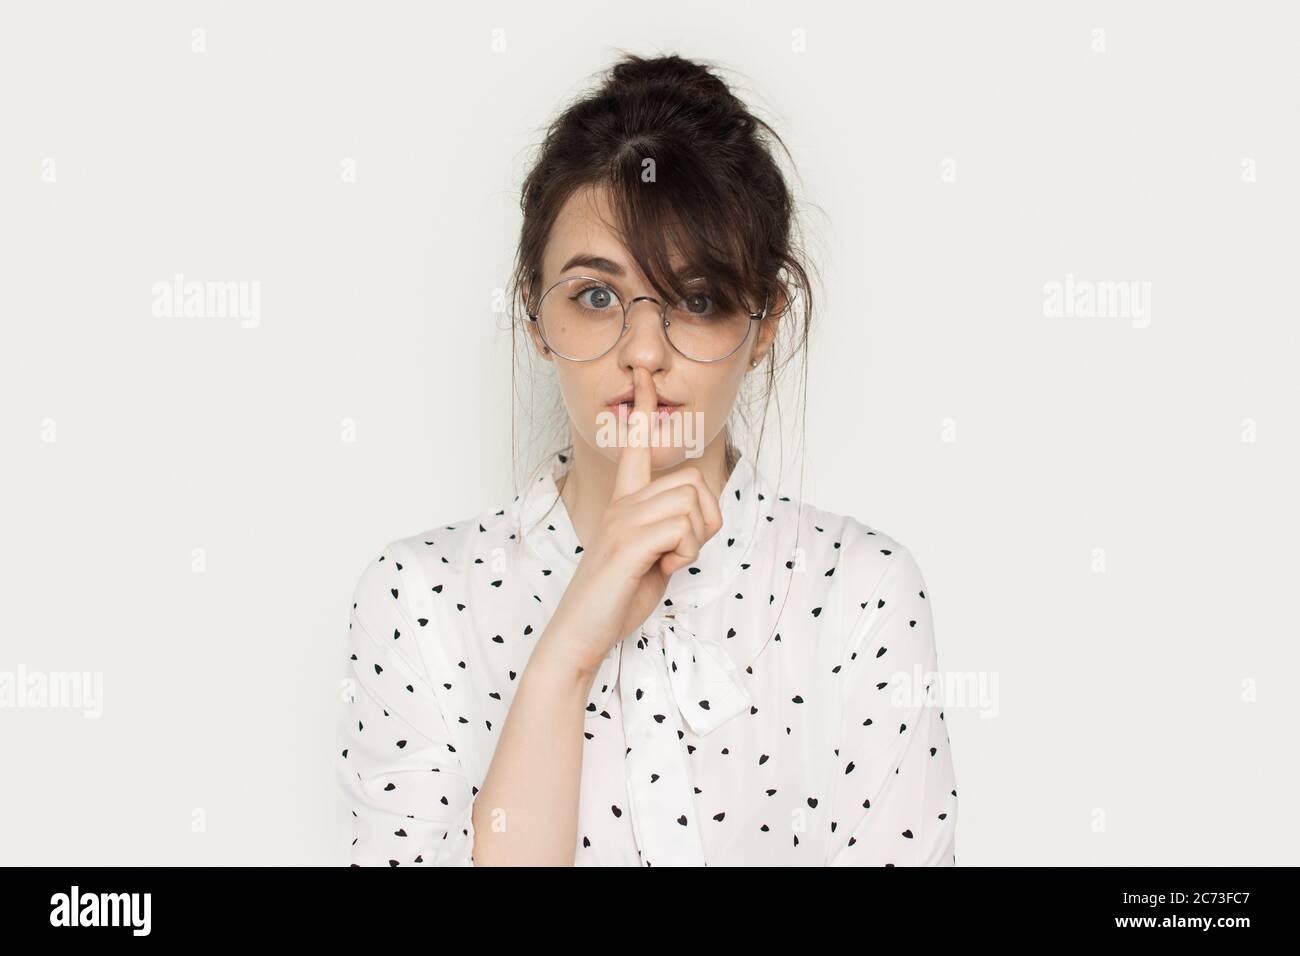 Encantadora dama morena con gafas que están gestuando el signo de silencio en una pared blanca del estudio mirando la cámara Foto de stock